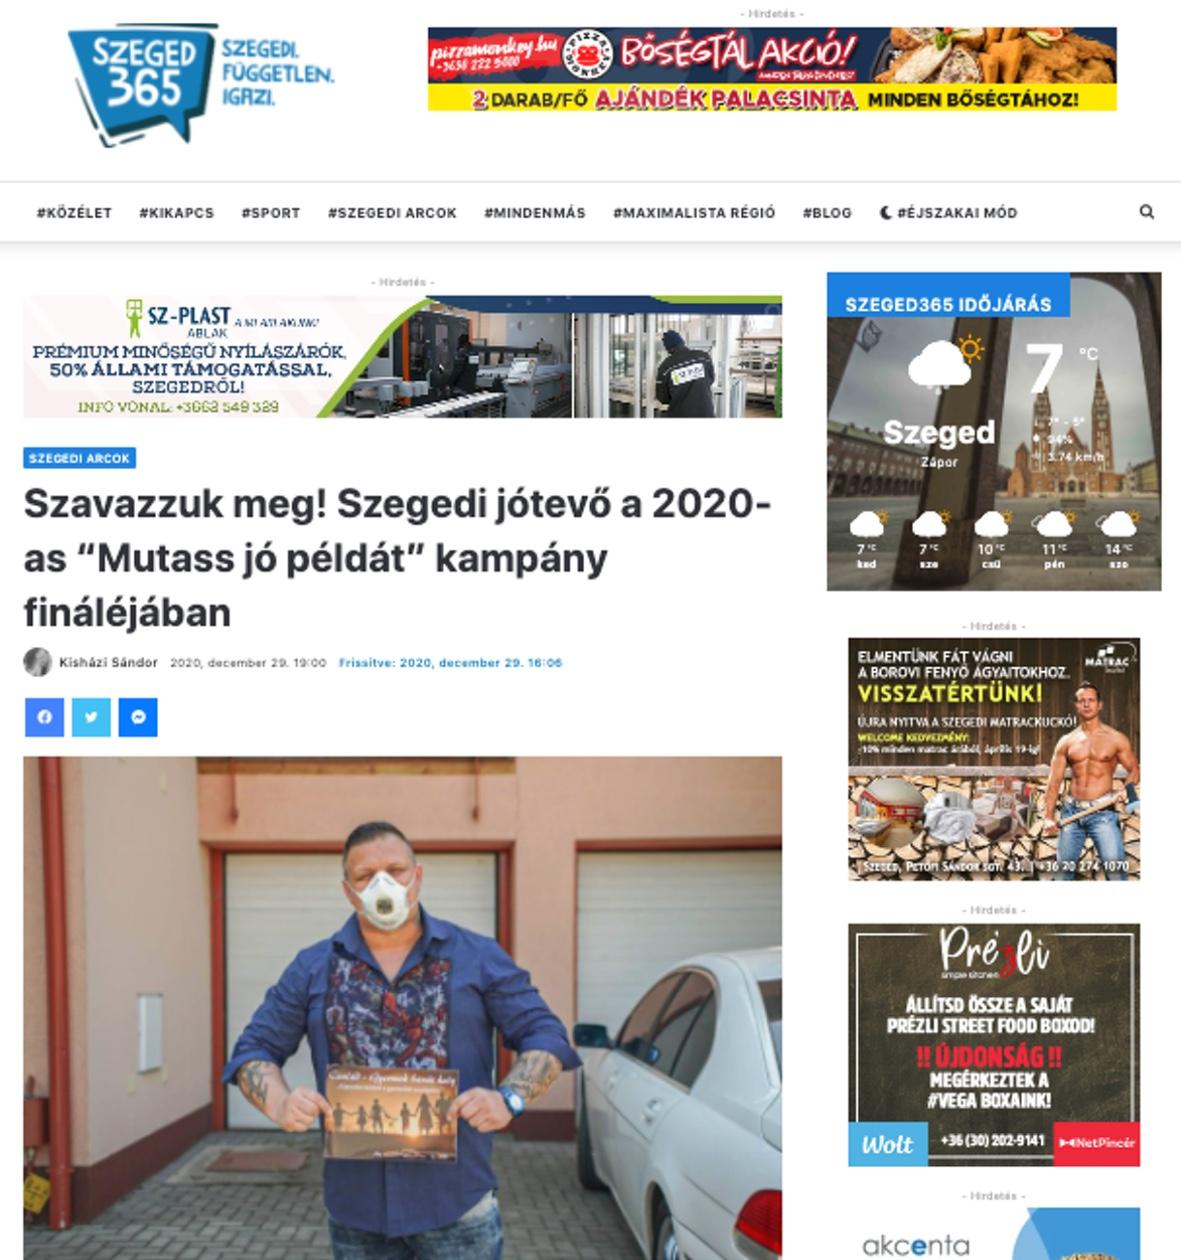 Mutass jó példát kampány médiamegjelenés Szeged365